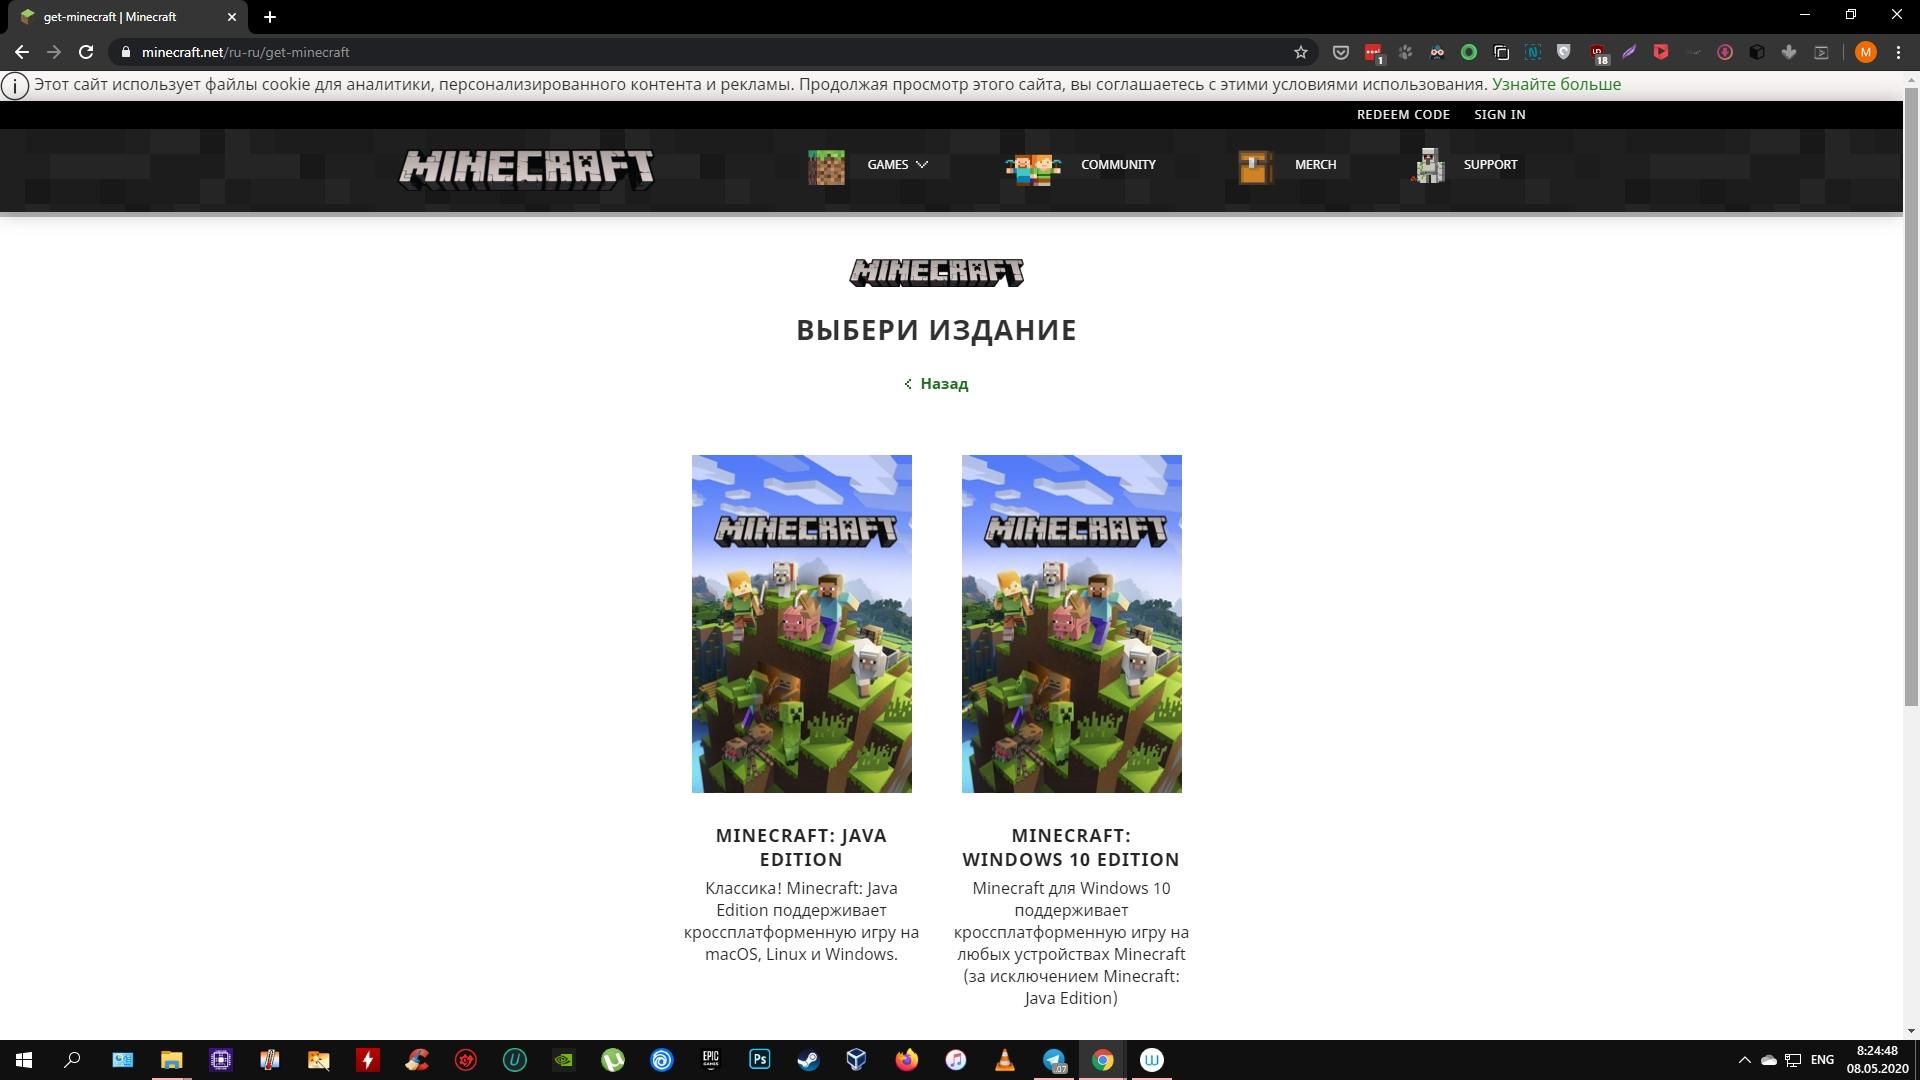 Как создать сервер Minecraft: установите игру